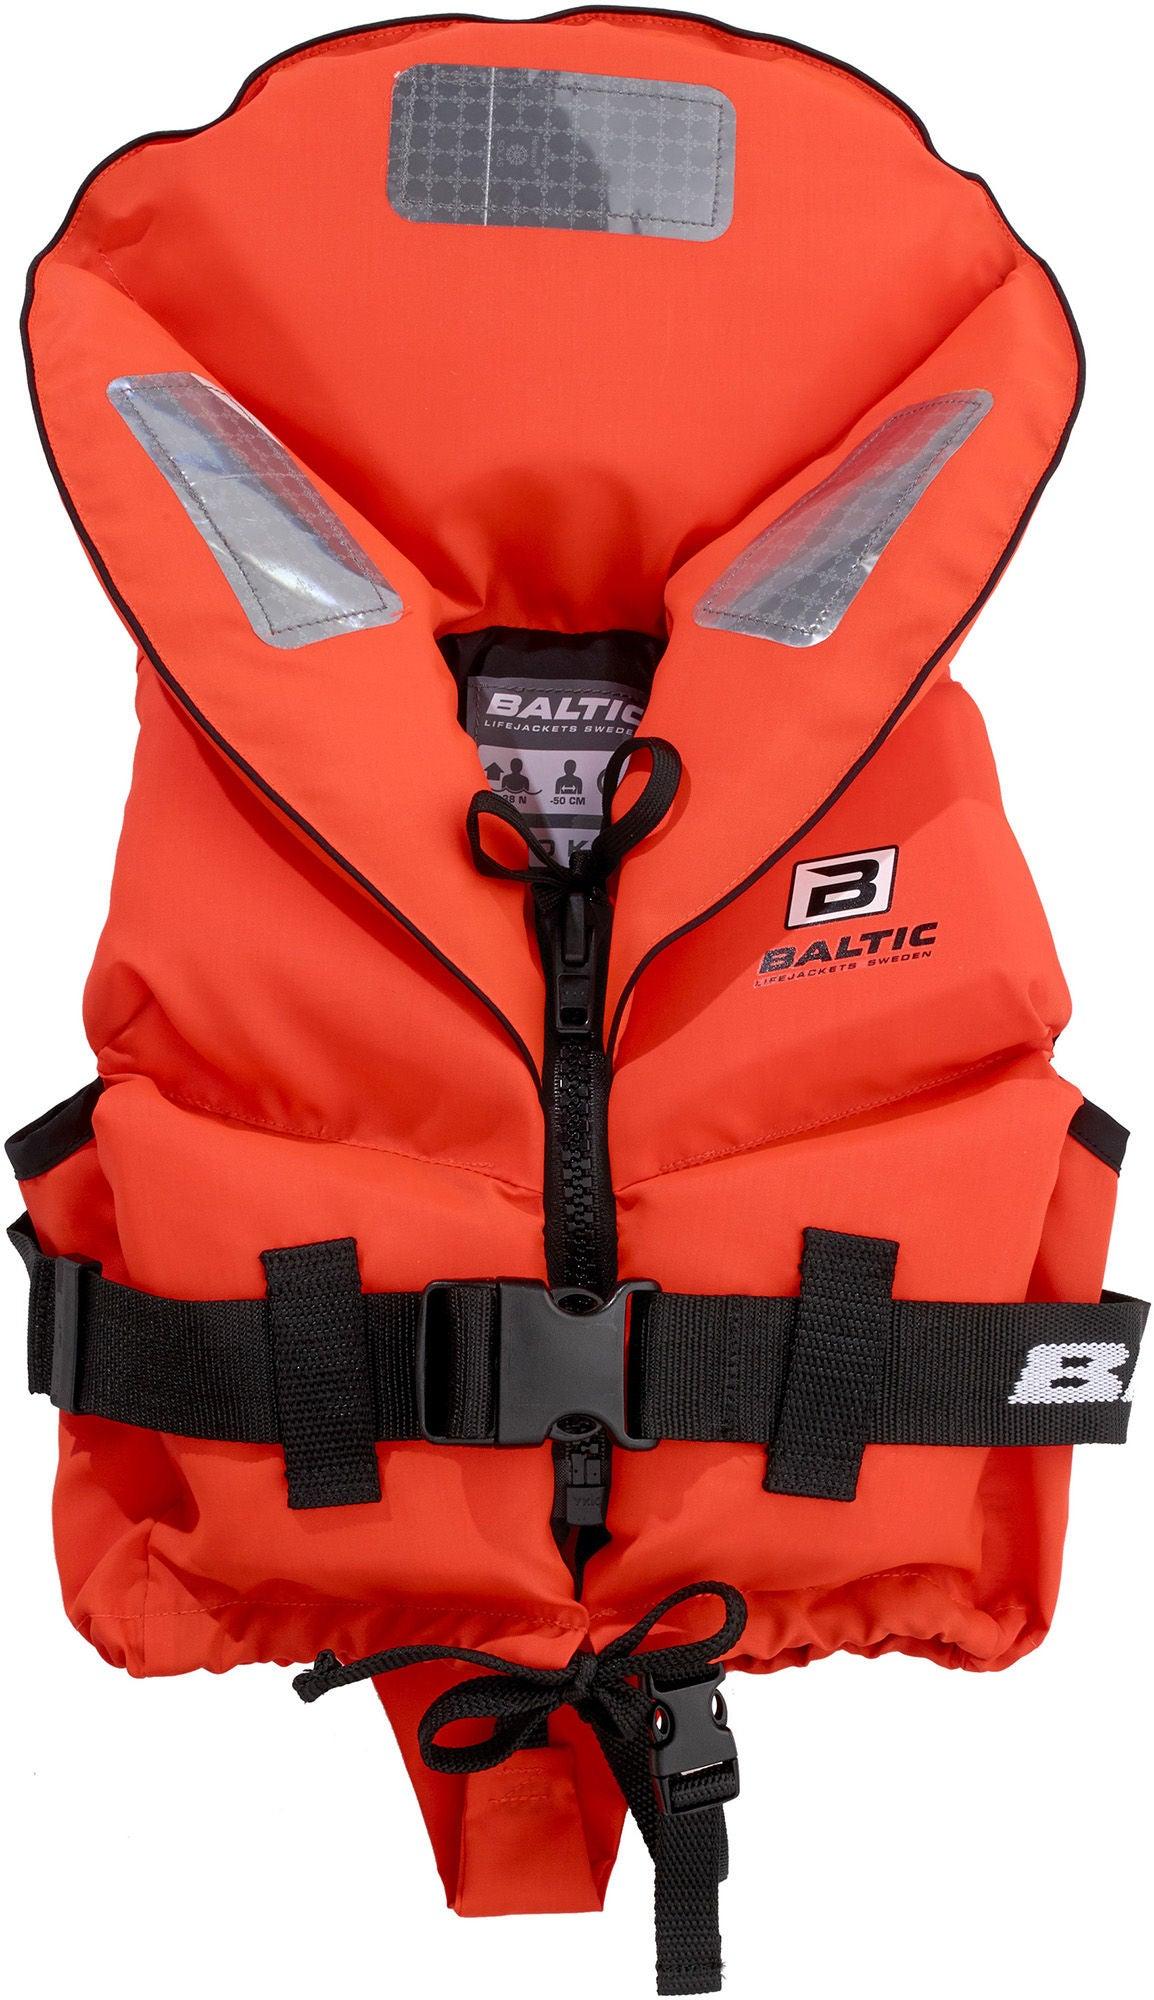 Baltic Flytväst Pro Sailor 3-10 kg, Orange